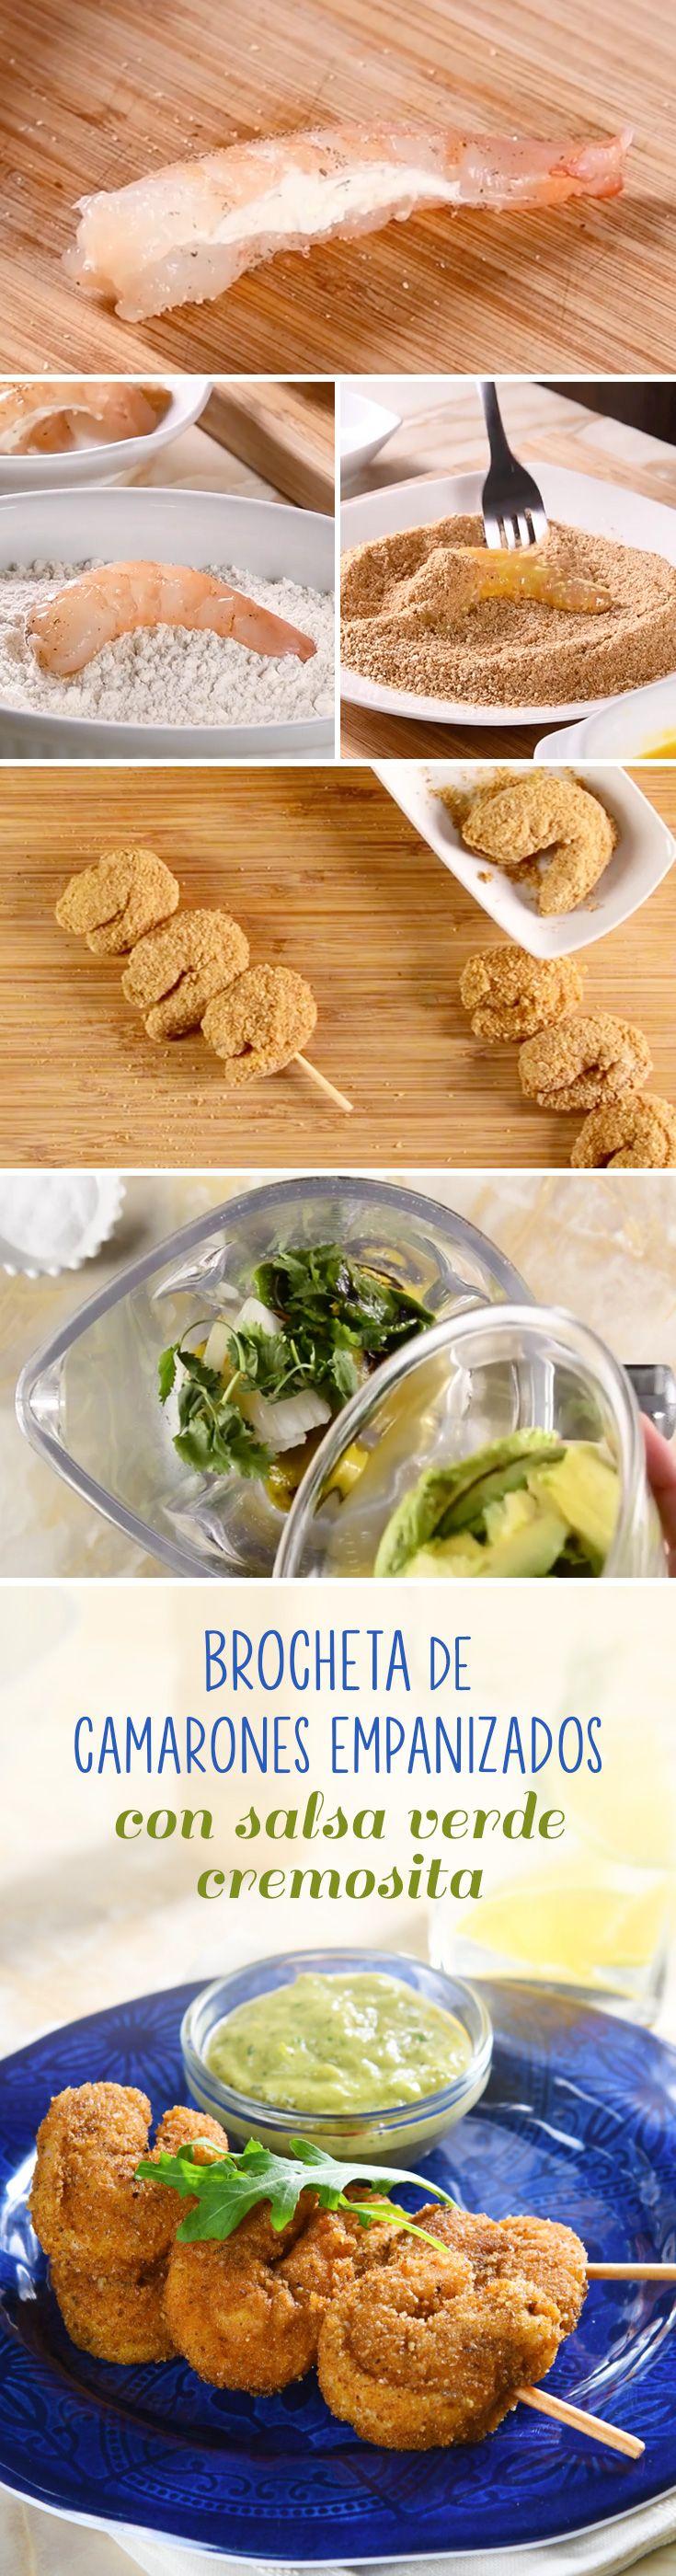 Receta de camarones empanizados rellenos de queso y acompañados con guacamole. La combinación de estas brochetas de camarones crujietes es lo que necesitas esta #cuaresma